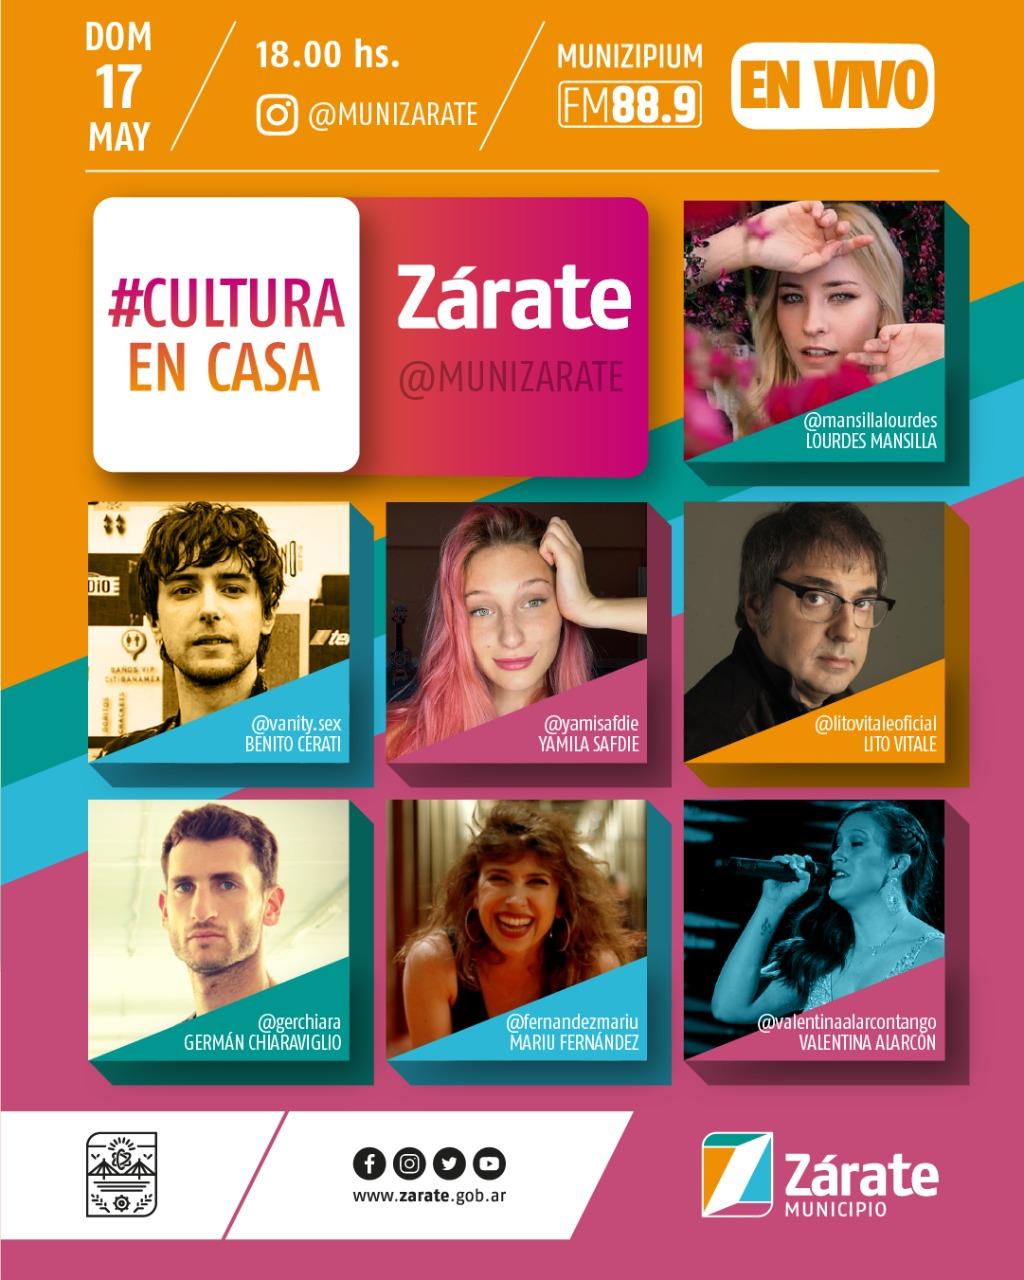 Este domingo se presenta la quinta edición de #CulturaEnCasa